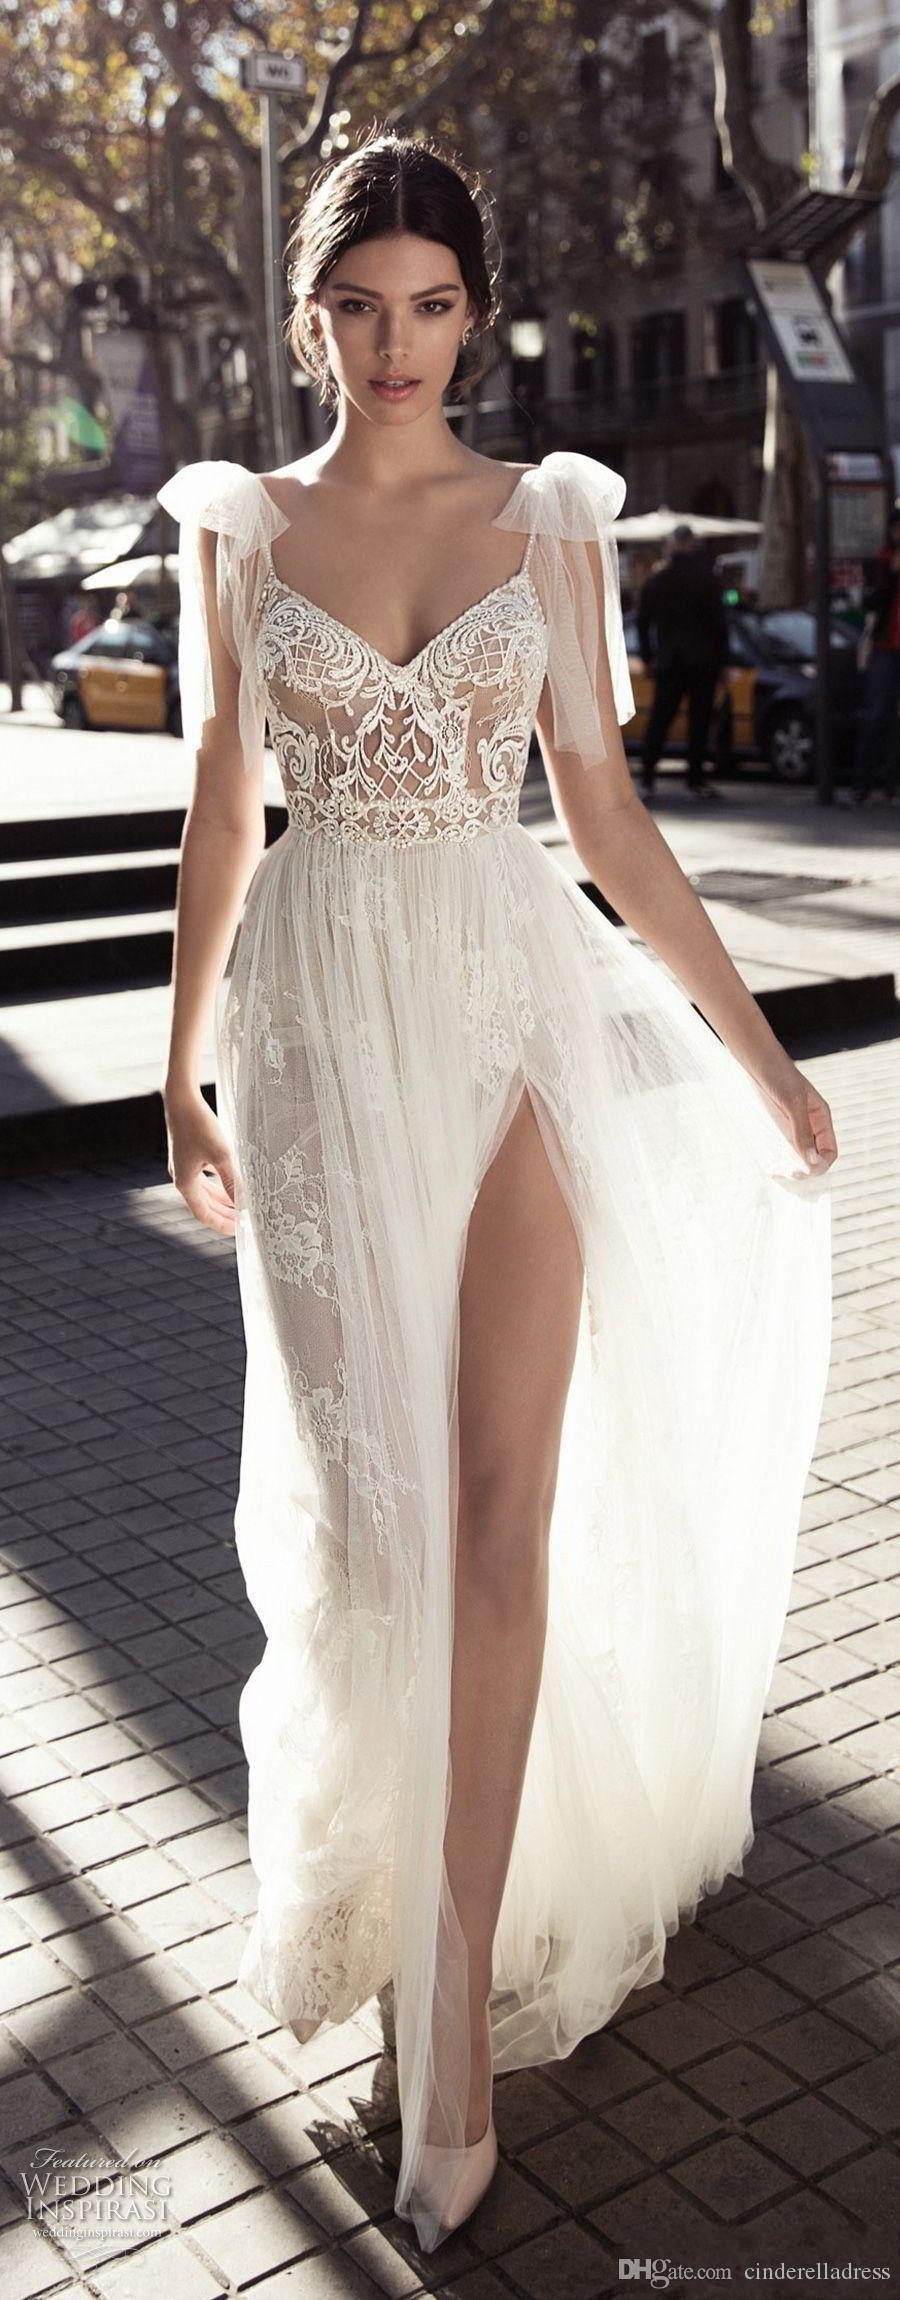 사이드 분할 바닥 길이 레이스 얇은 명주 그물 등이없는 웨딩 드레스 2020 GALI Karten 섹시한 A 라인 웨딩 드레스 얇은 명주 V 넥